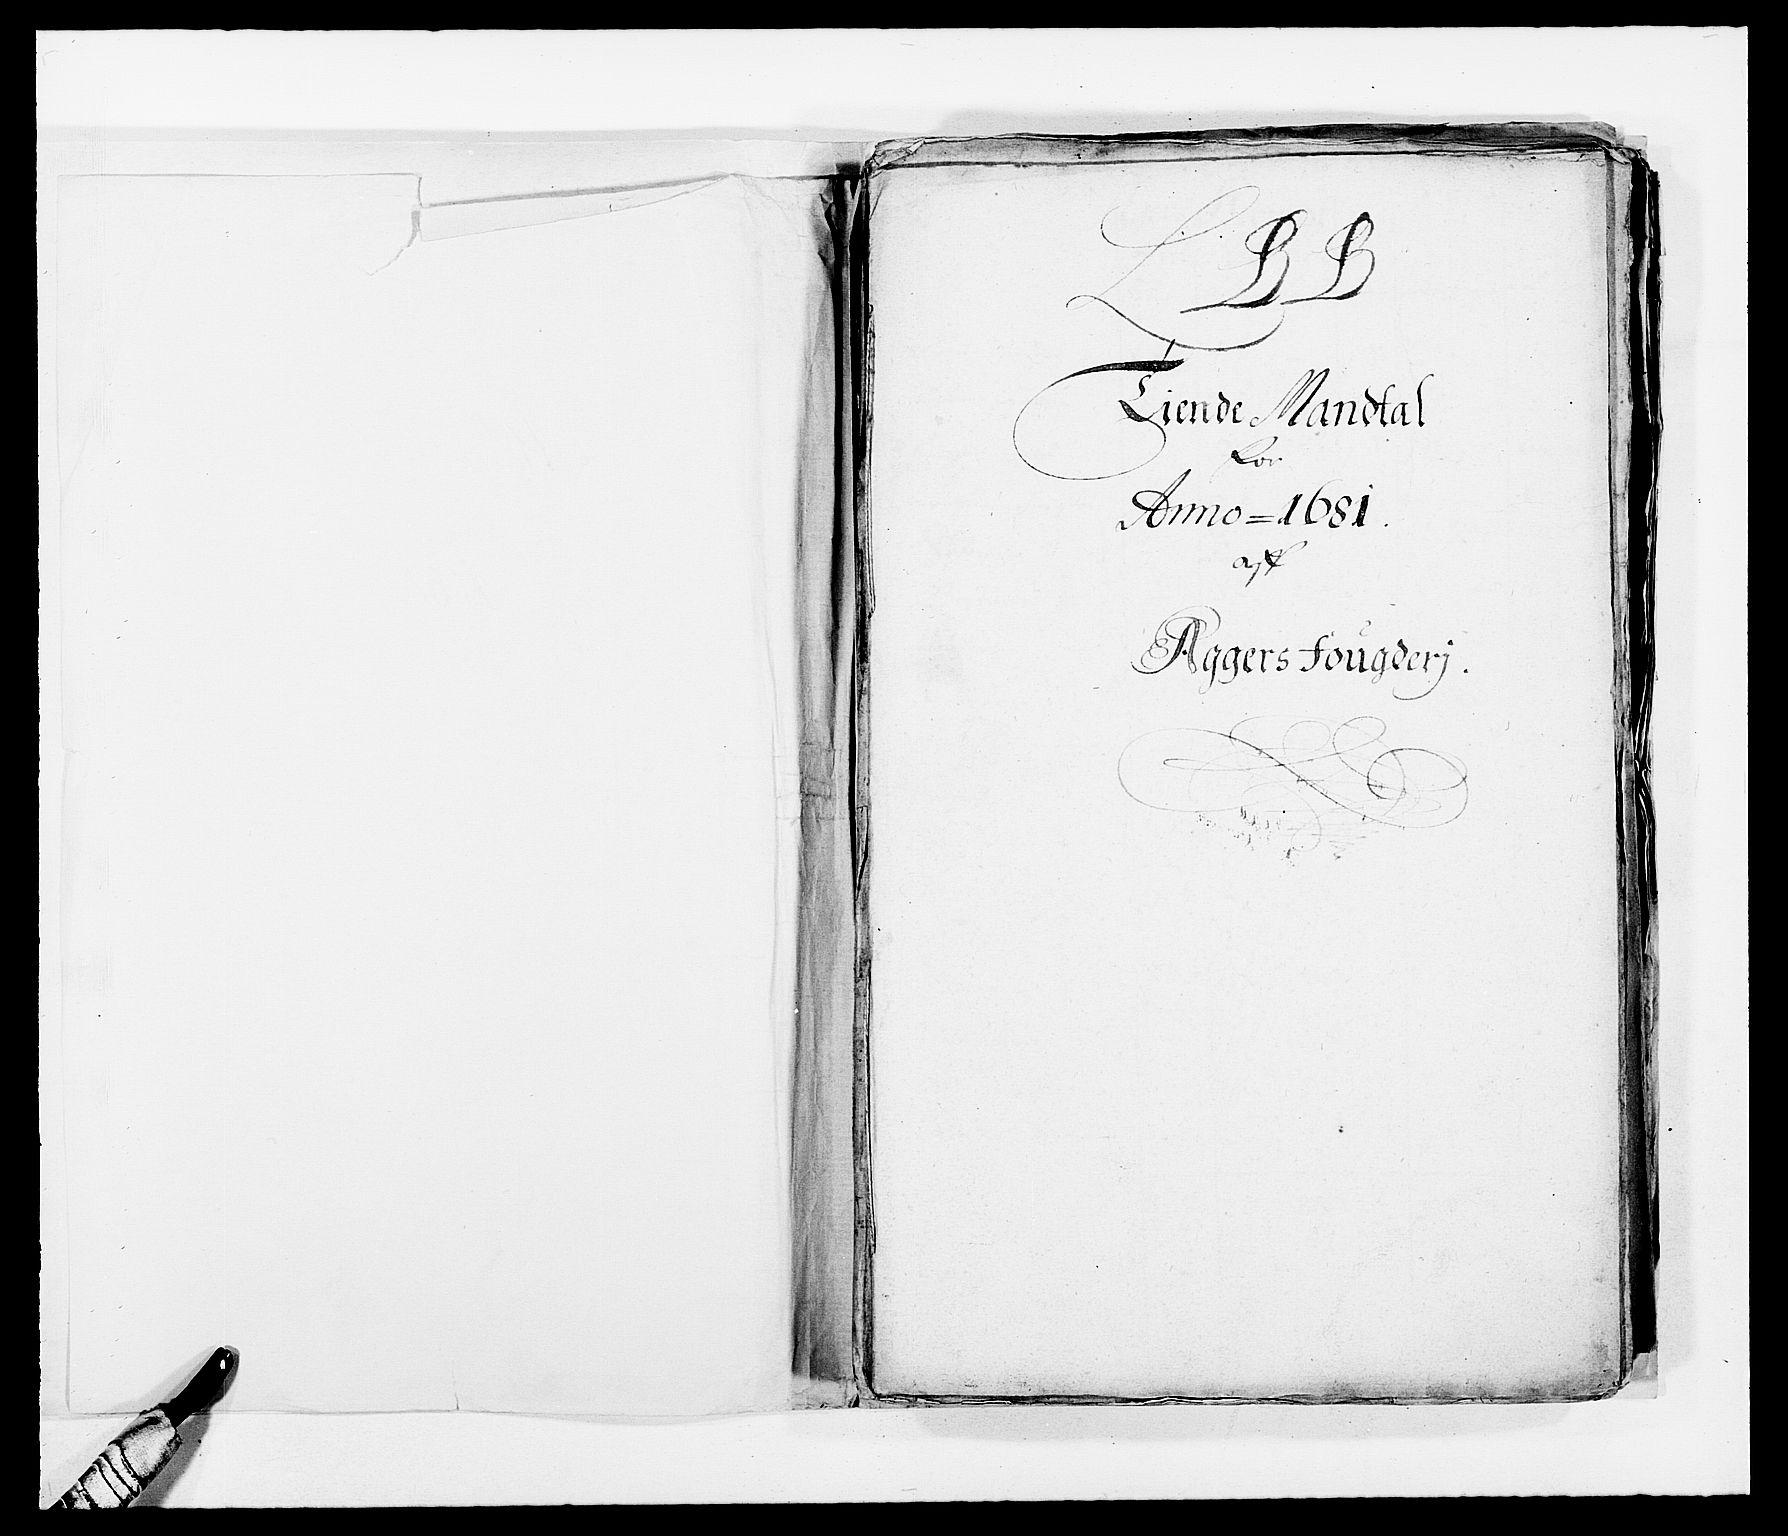 RA, Rentekammeret inntil 1814, Reviderte regnskaper, Fogderegnskap, R08/L0417: Fogderegnskap Aker, 1678-1681, s. 178